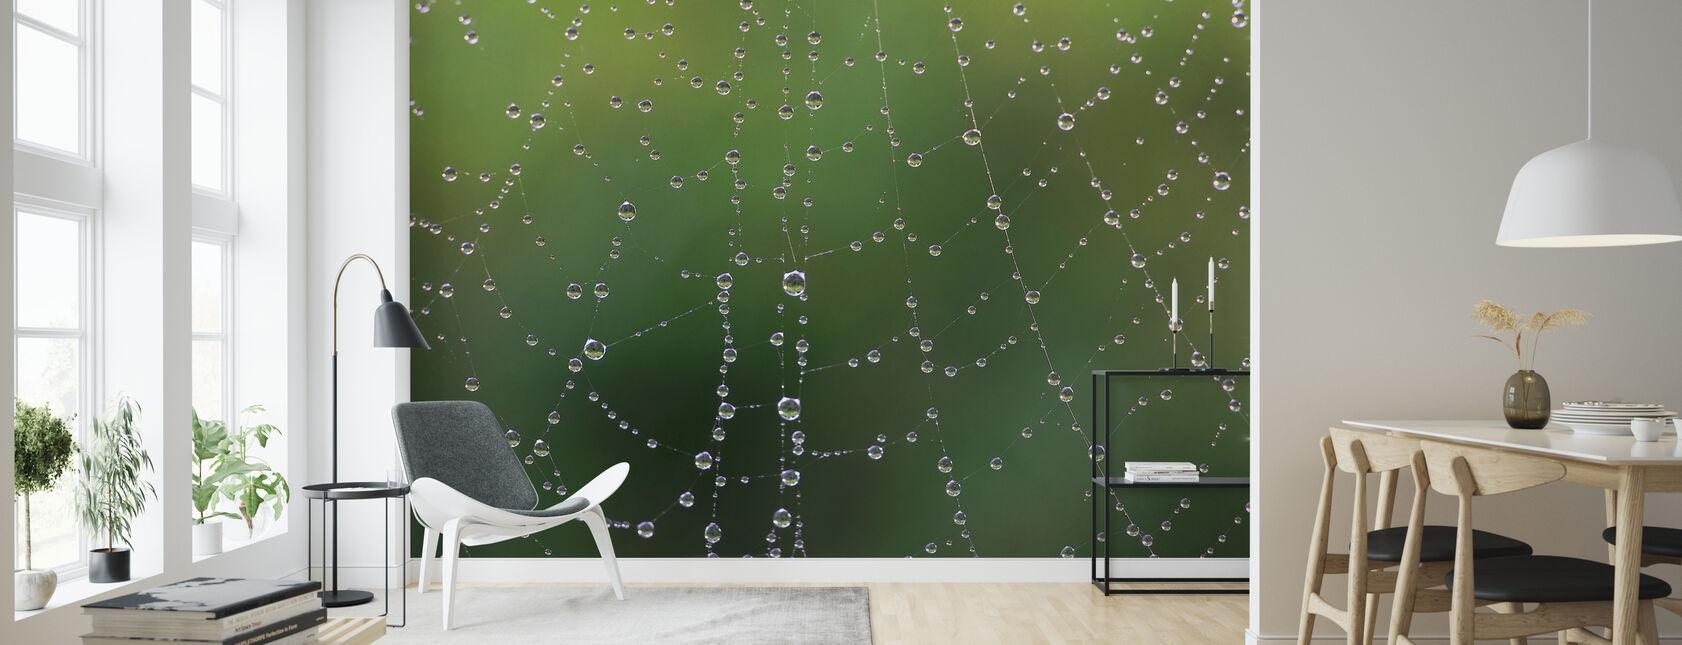 Dew Web - Wallpaper - Living Room